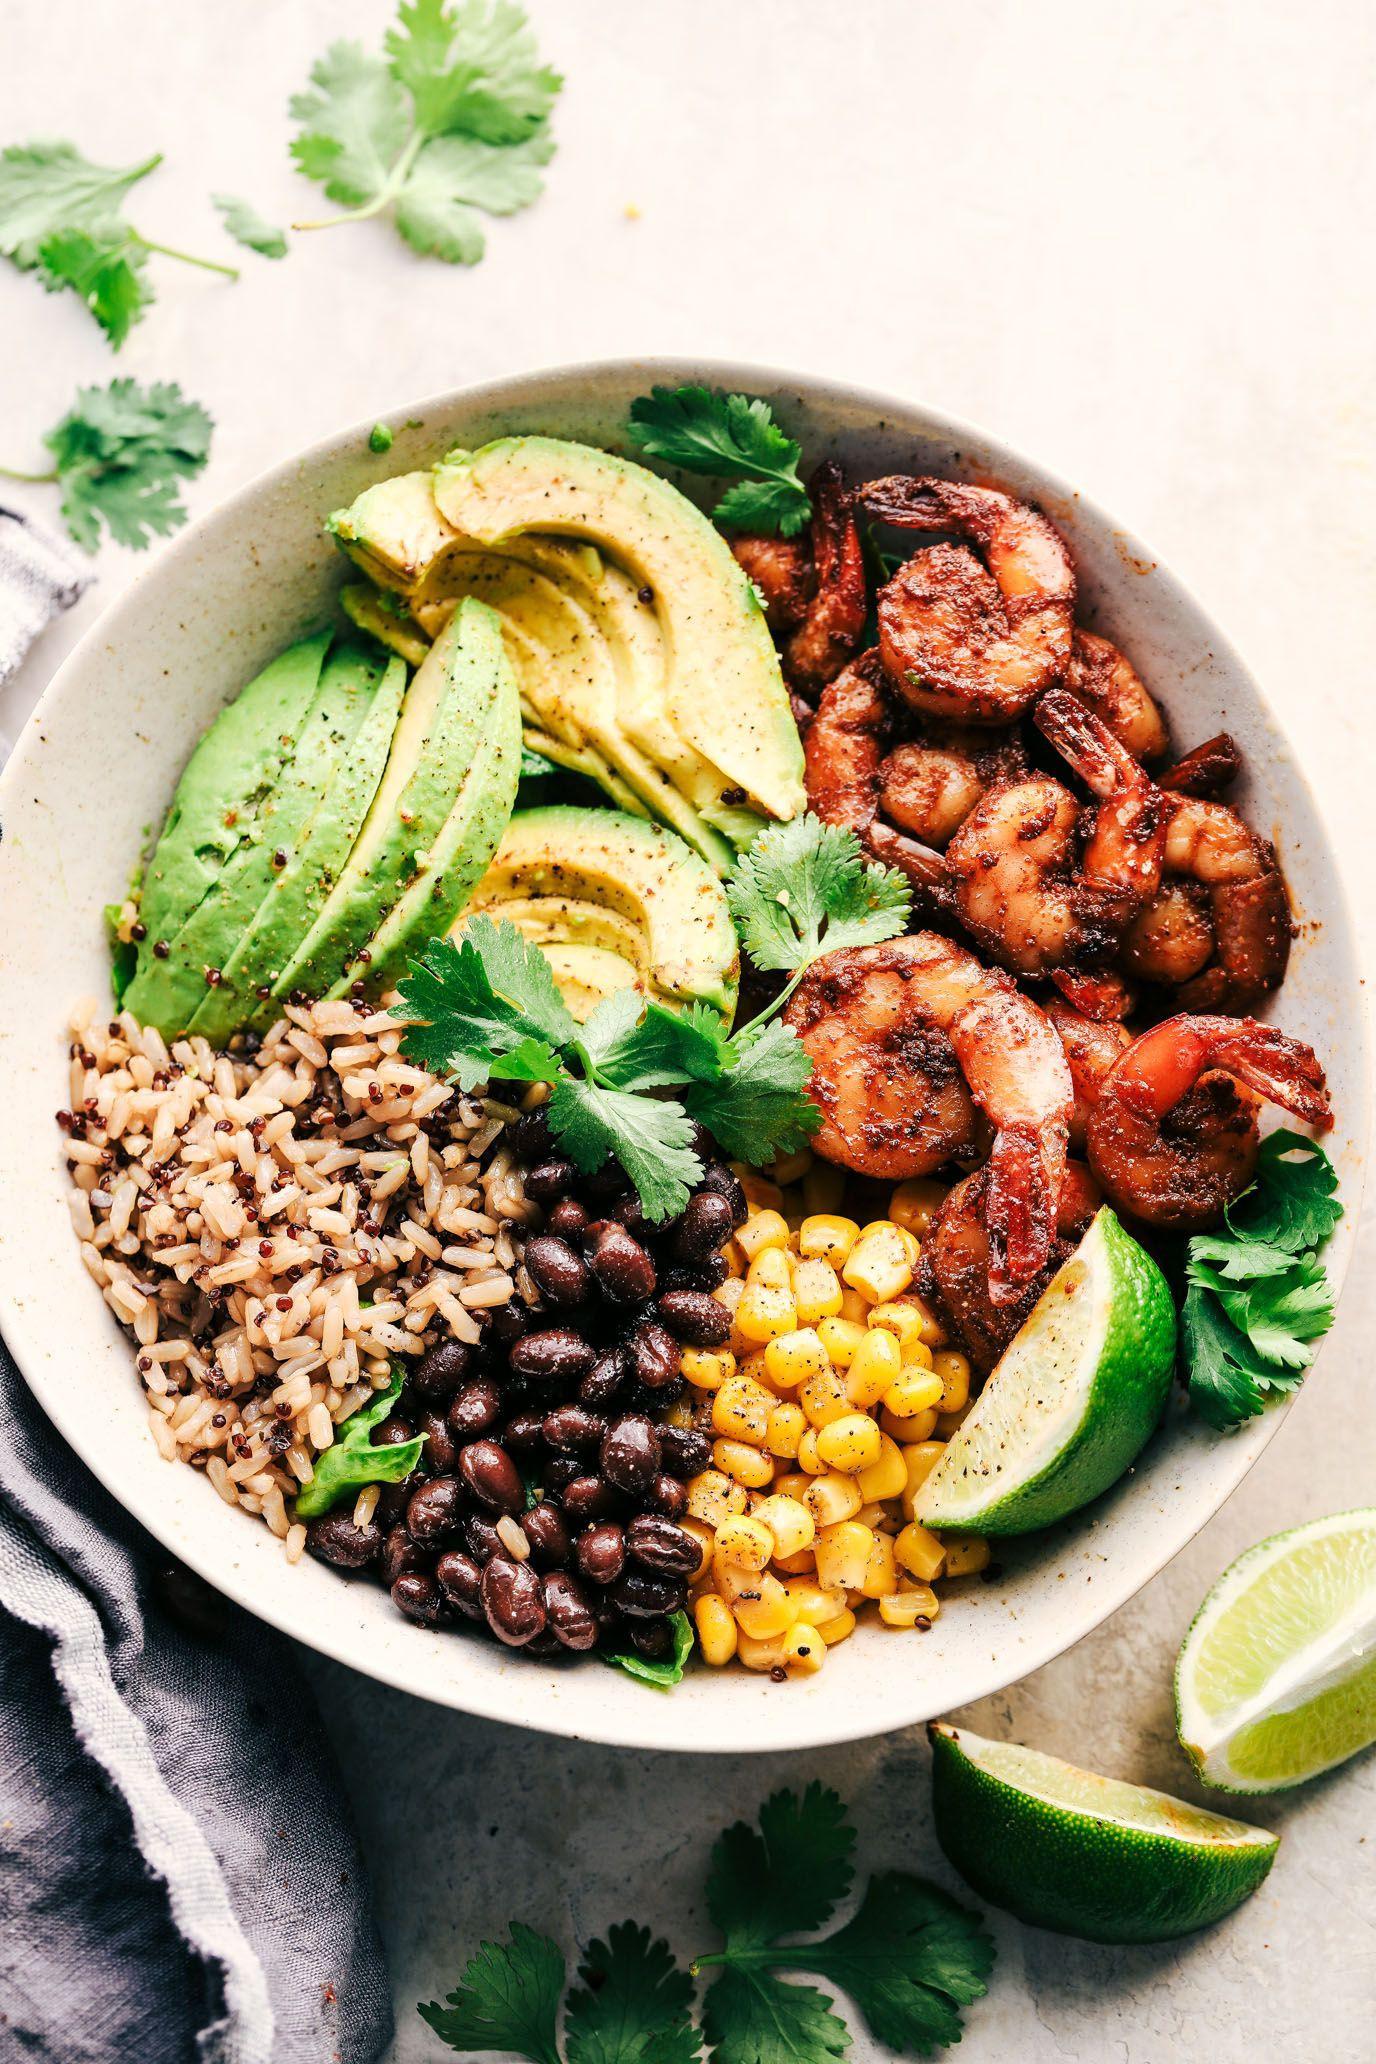 Bật mí 8 loại thực phẩm giúp bạn chỉ ăn thôi cũng gầy, mỡ bụng không thể hình thành-2